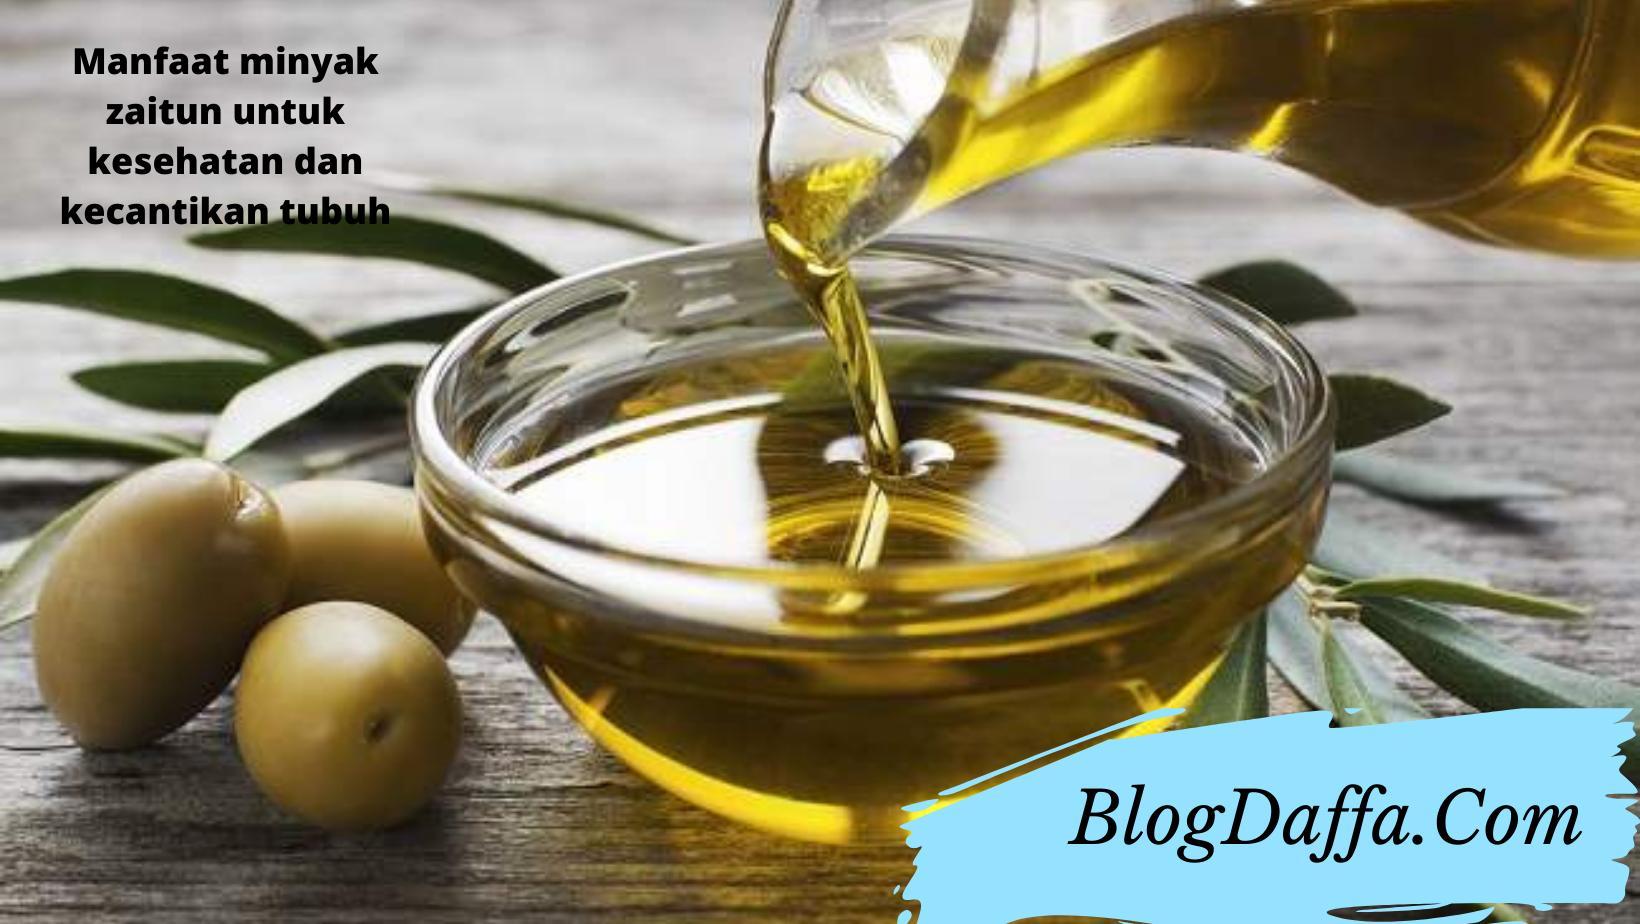 Manfaat minyak zaitun untuk kesehatan dan kecantikan tubuh